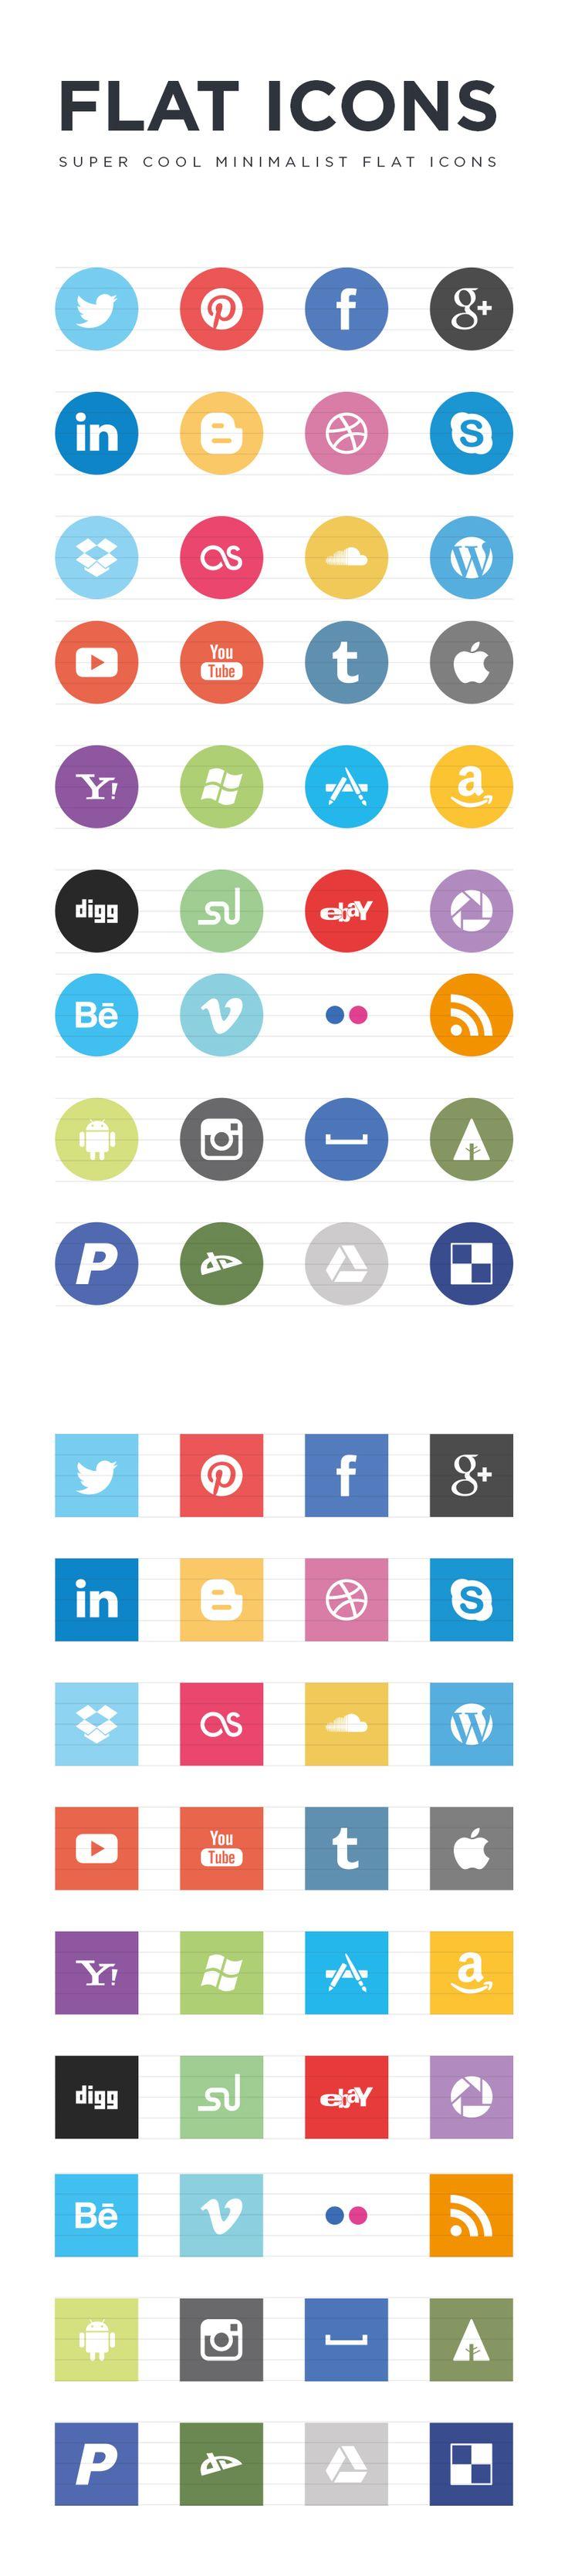 Free Flat Social Icons. Pour plus de liens, retrouvez-moi sur Twitter http://twitter.com/jmarois